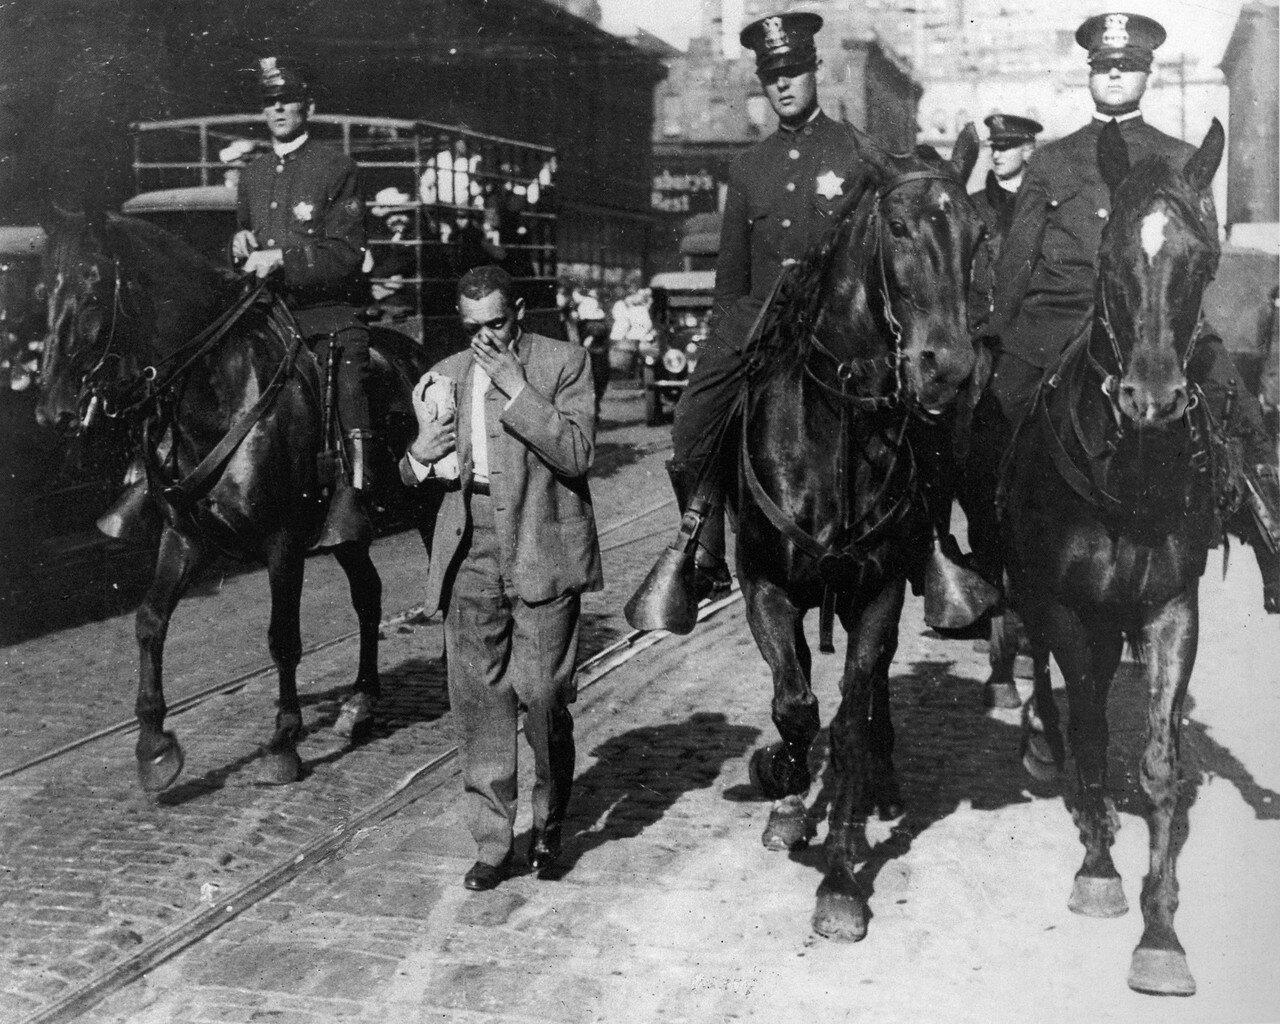 1919. Расовый бунт в Чикаго. 38 убитых, mболее 599 раненых